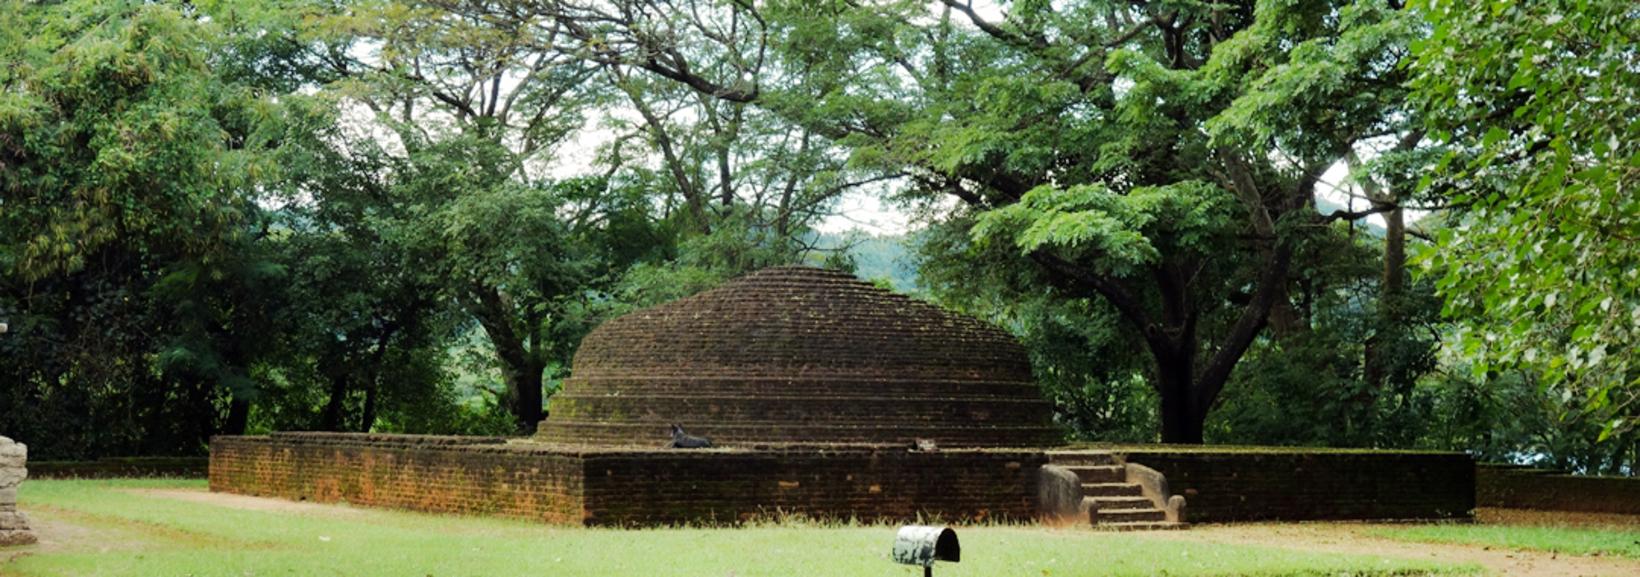 Nalanda Gedige, Matale